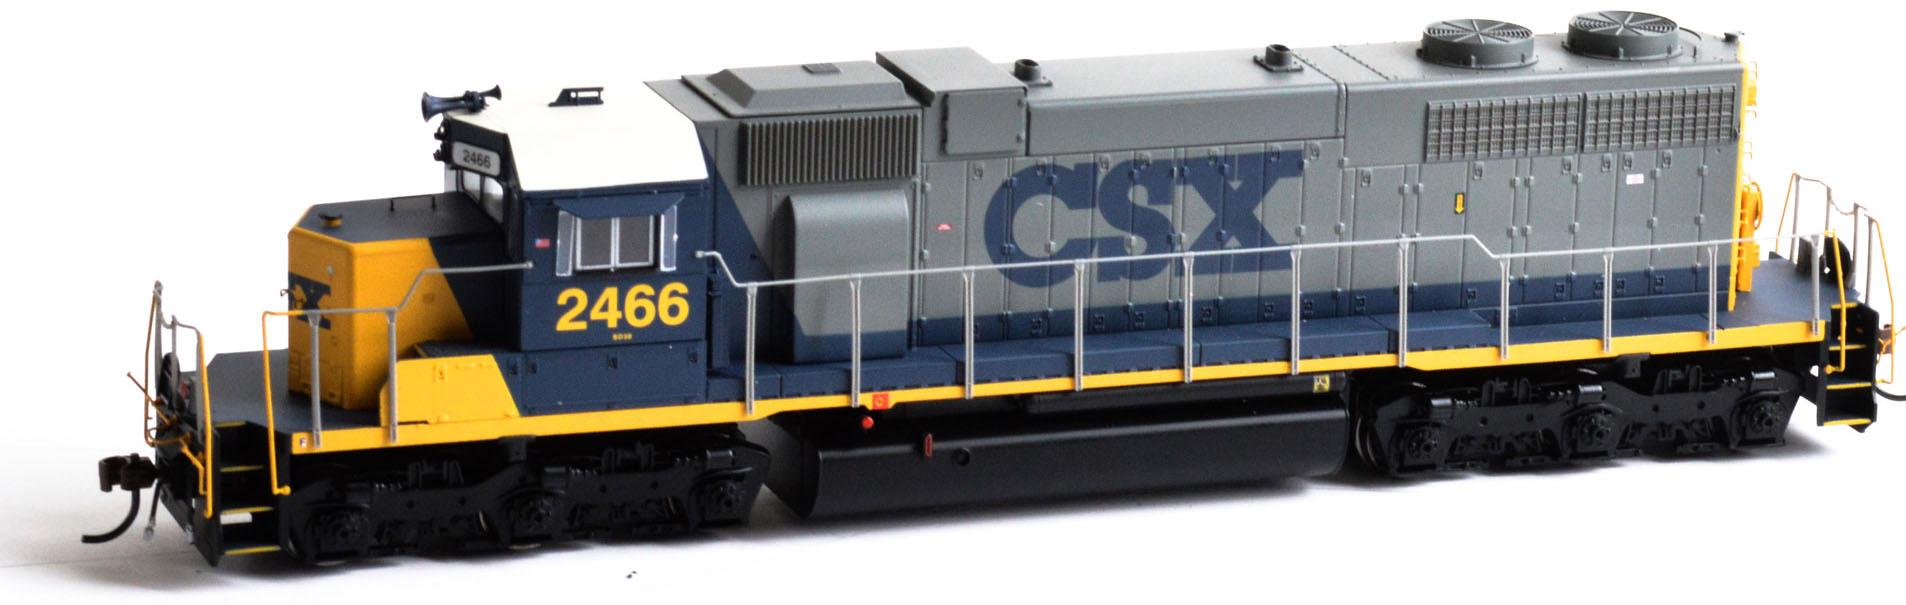 Athearn HO Scale EMD SD38 SD38 SD38 Diesel Locomotive CSX Transportation YN2  2466 0c2cfc